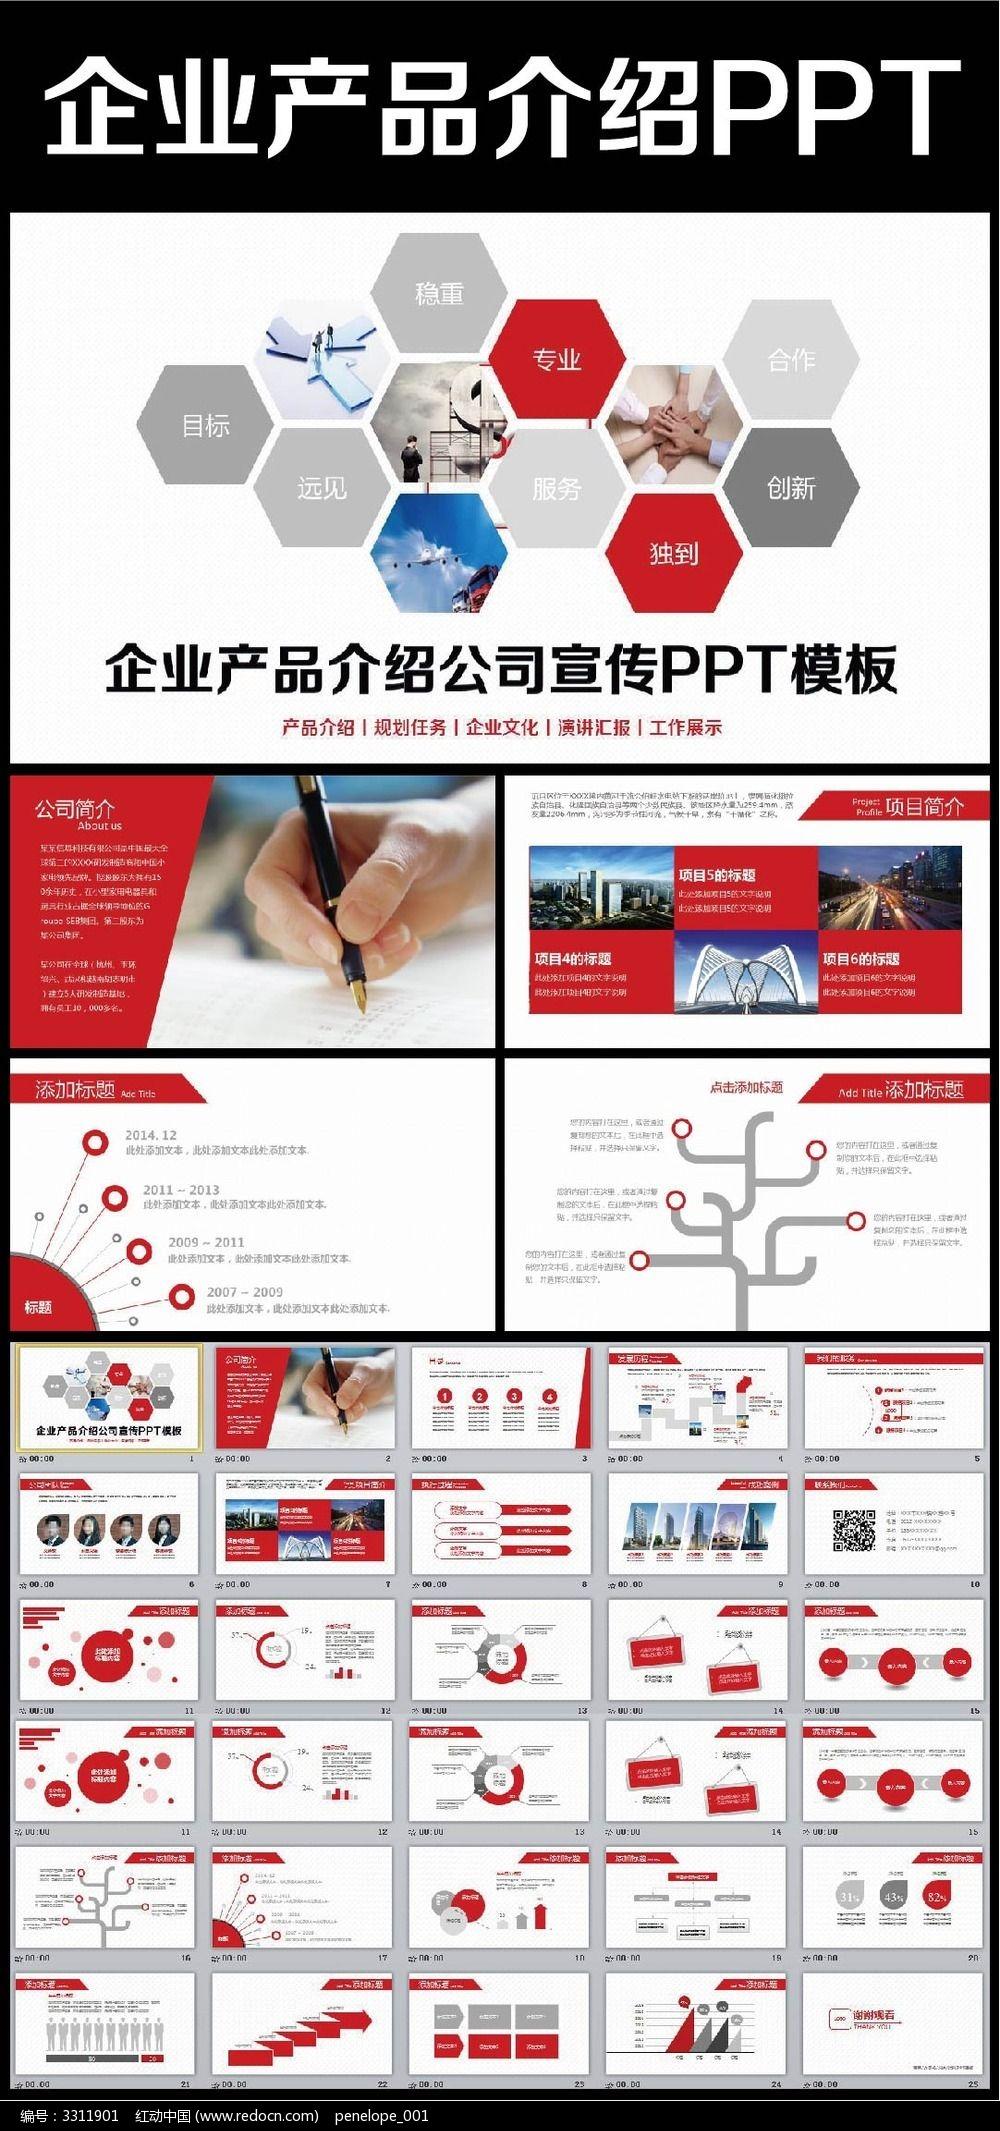 原创设计稿 ppt模板/ppt背景图片 团队职场ppt 红色通用公司产品介绍